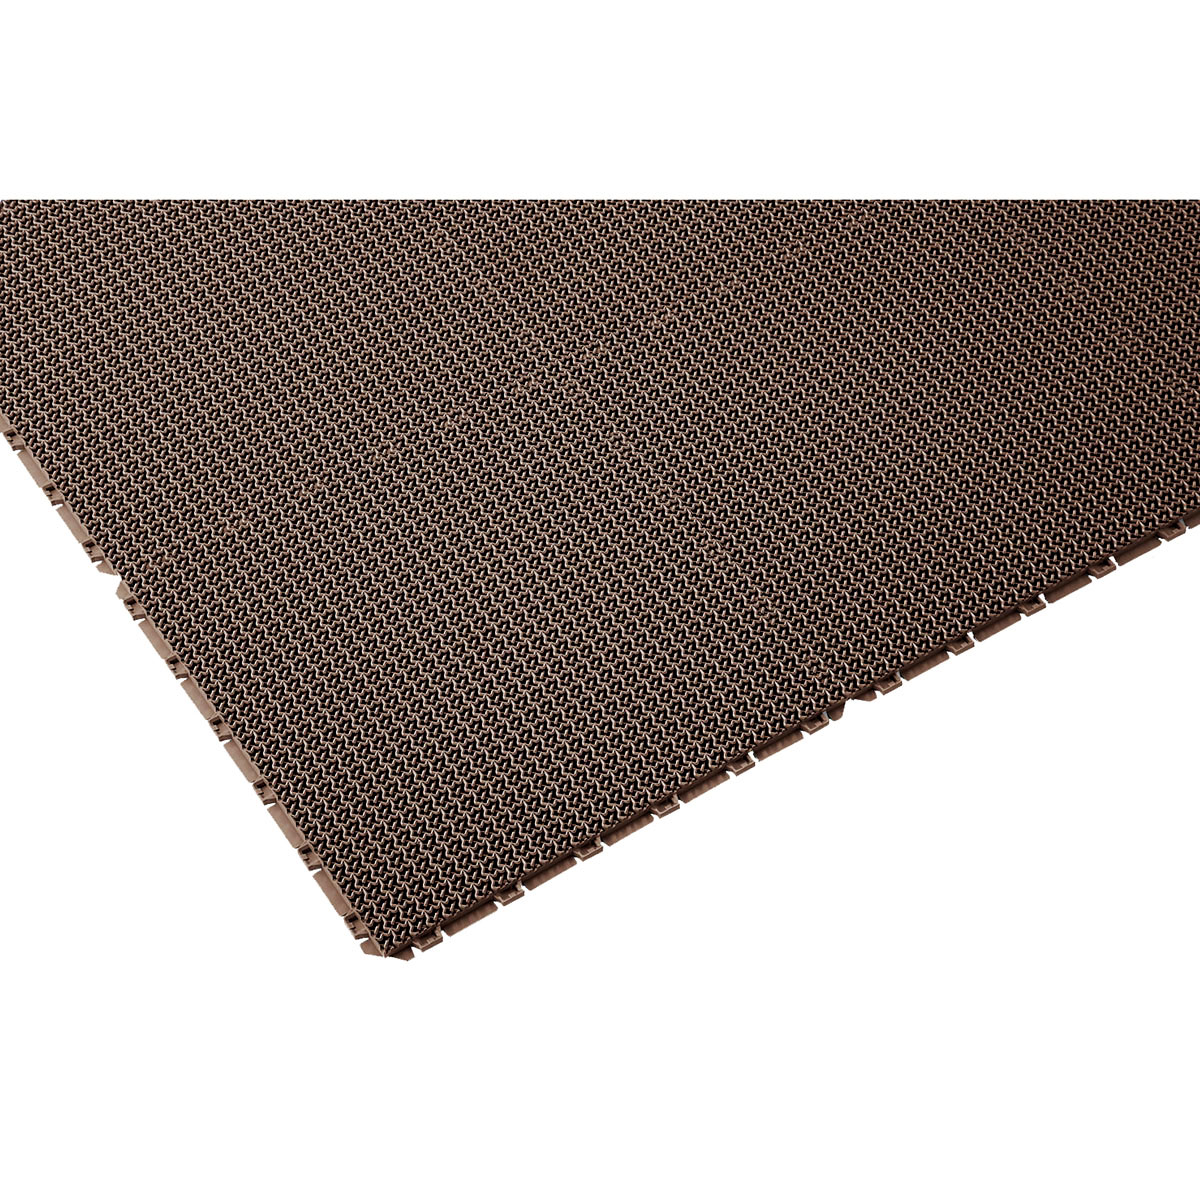 山崎産業 ブイステップマット13 オーダーサイズ縁なし 1平米/価格 BR(茶) F-126-OR